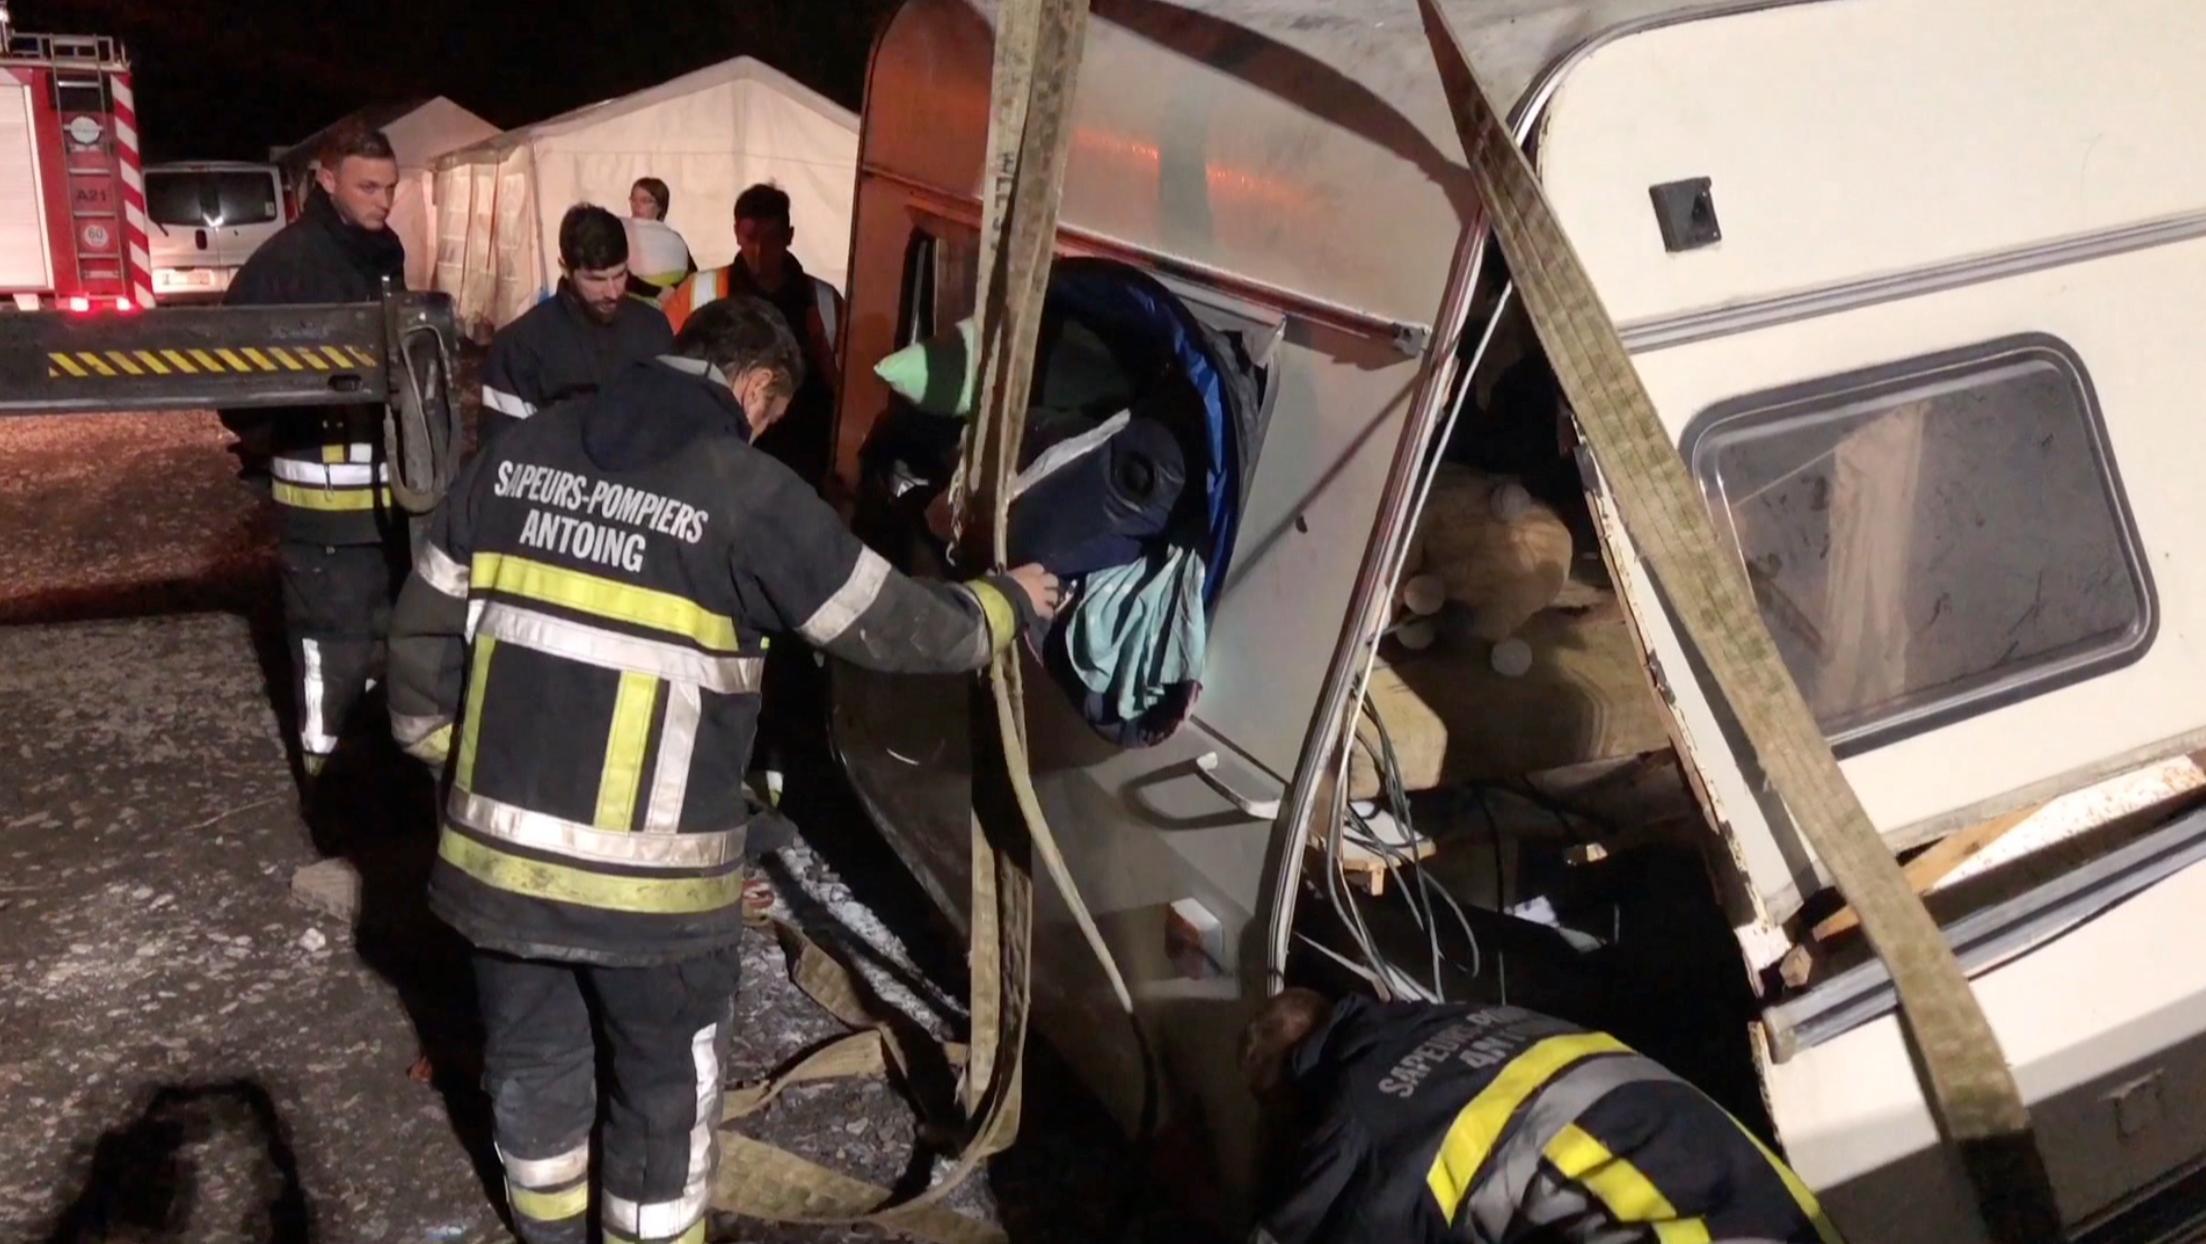 Une importante explosion fait 5 blessés graves à l'Antoing Cross Festival